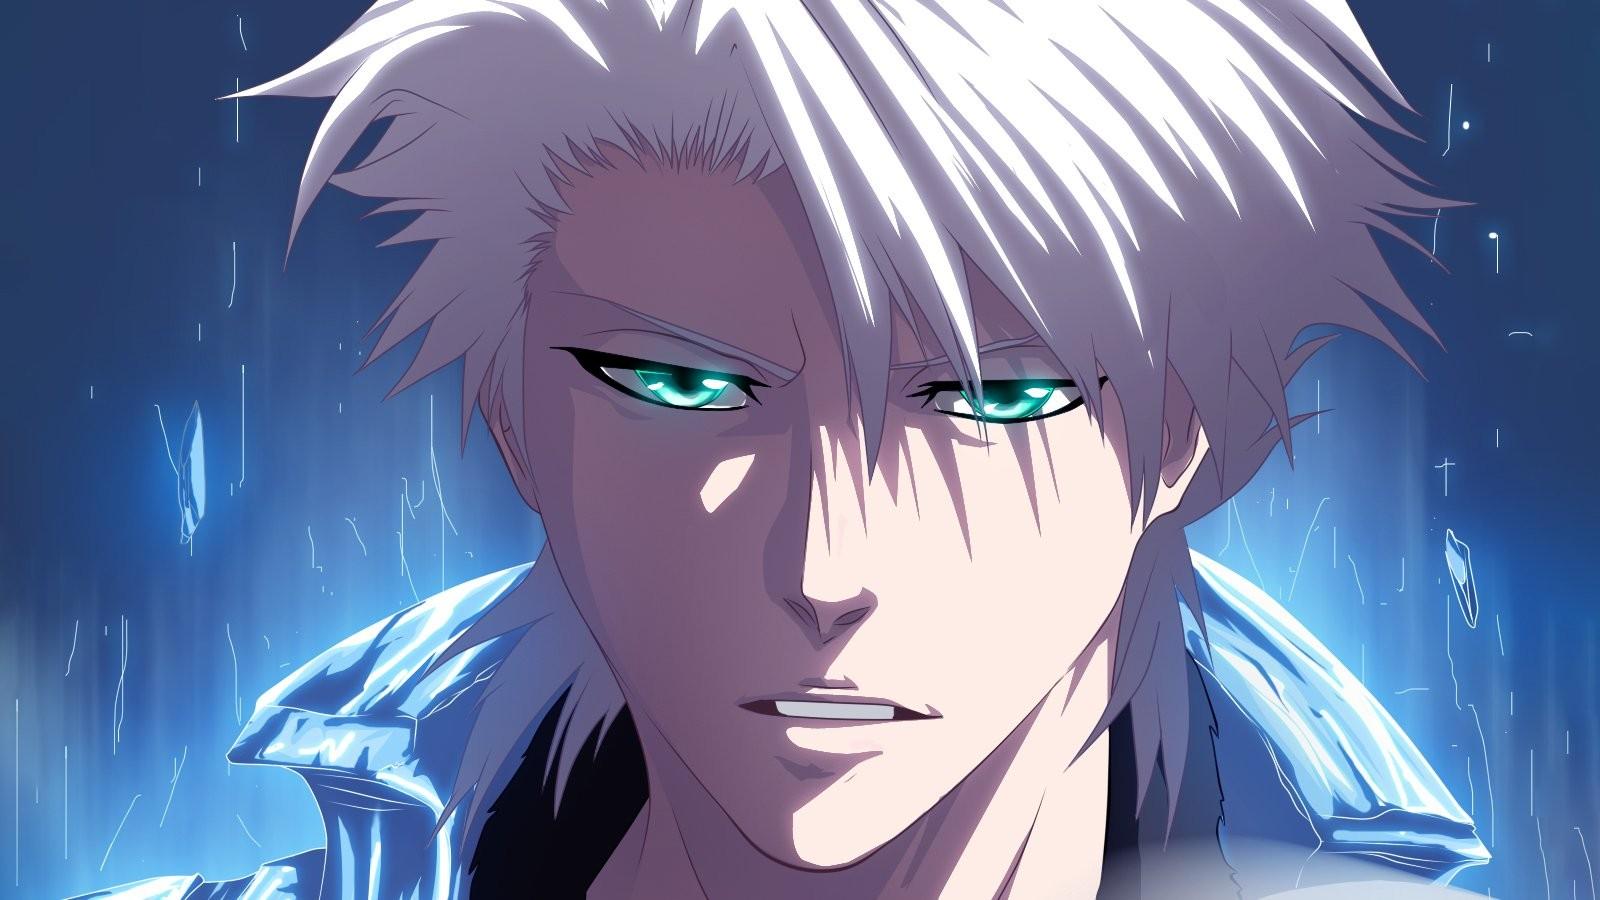 Hình ảnh anime tóc bạch kim mắt xanh sói cực ngầu